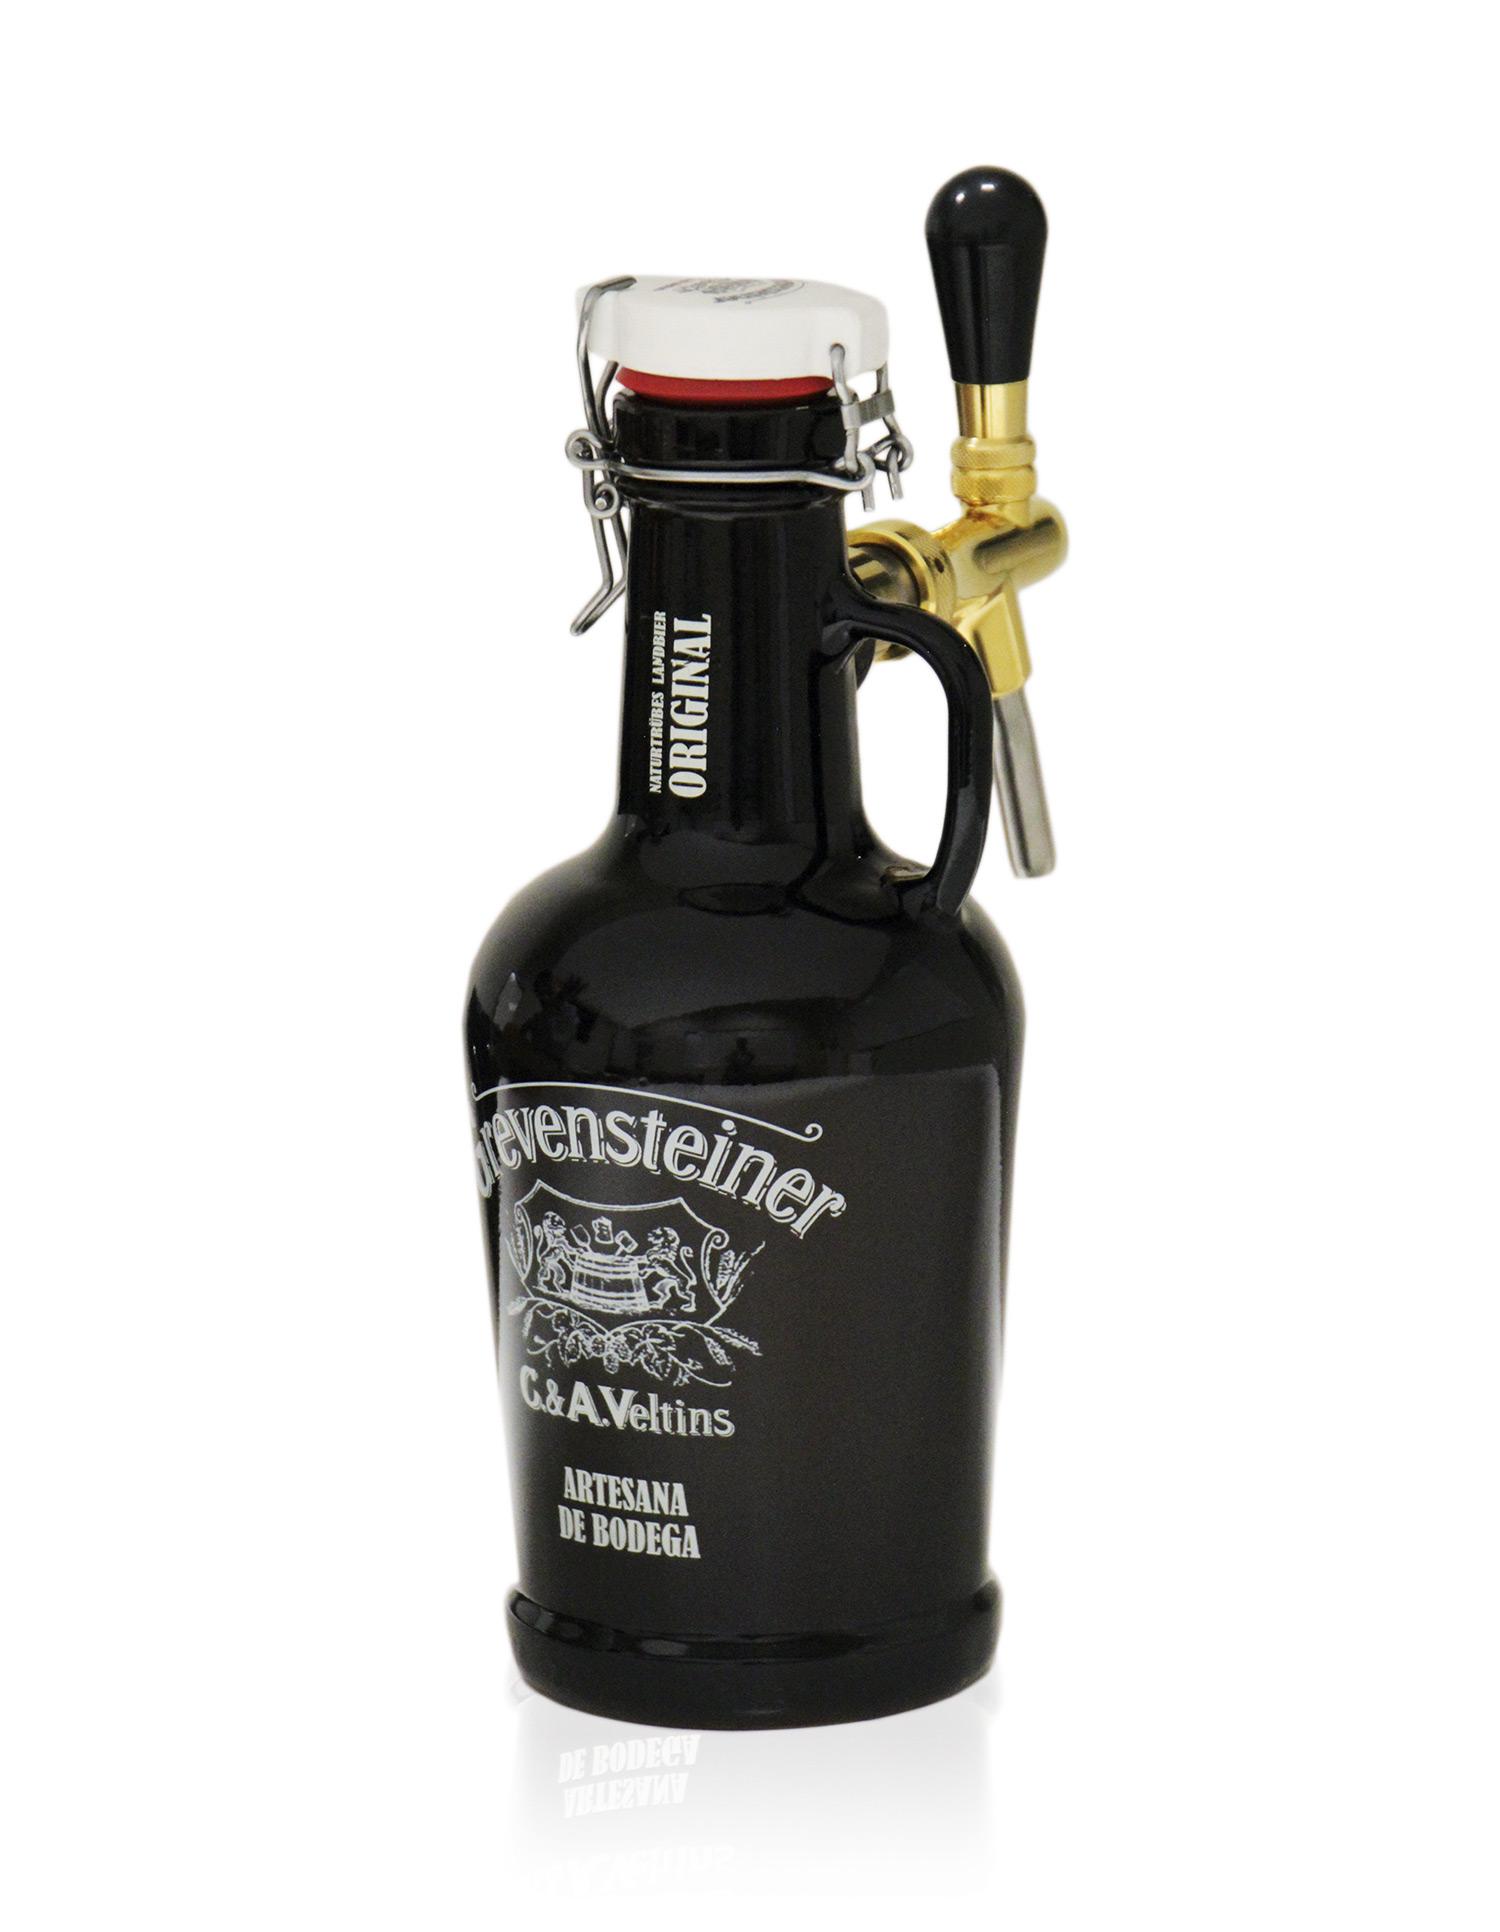 Grevensteiner-tirador-cerveza-ideliq-personalizacion-esencia-alma-marca